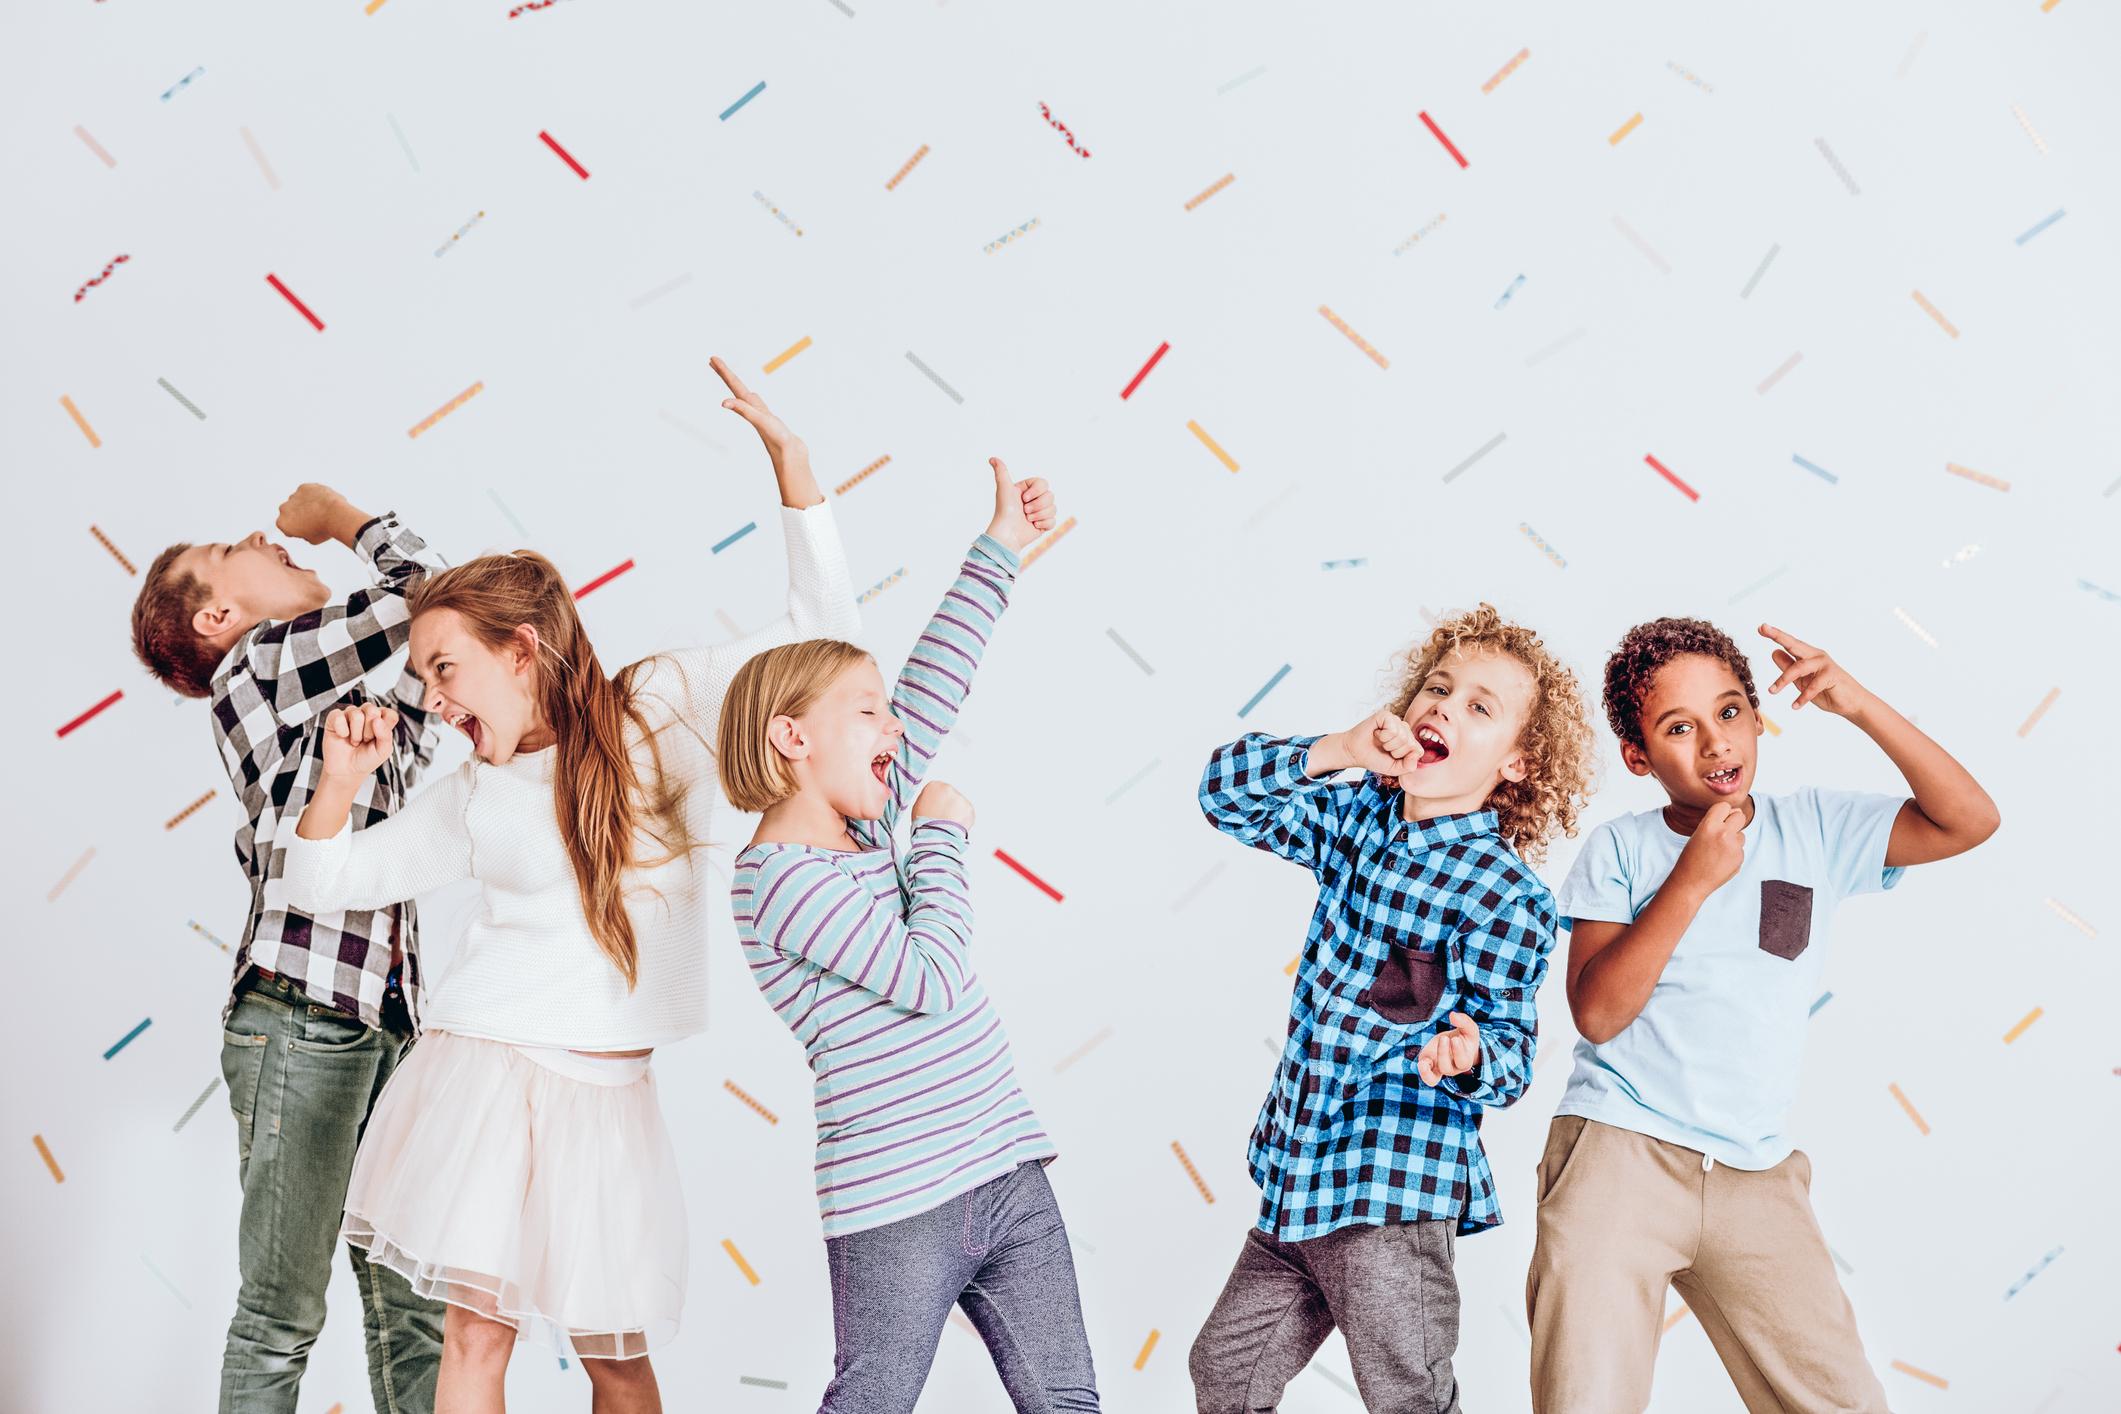 Kids Singing Along To Music